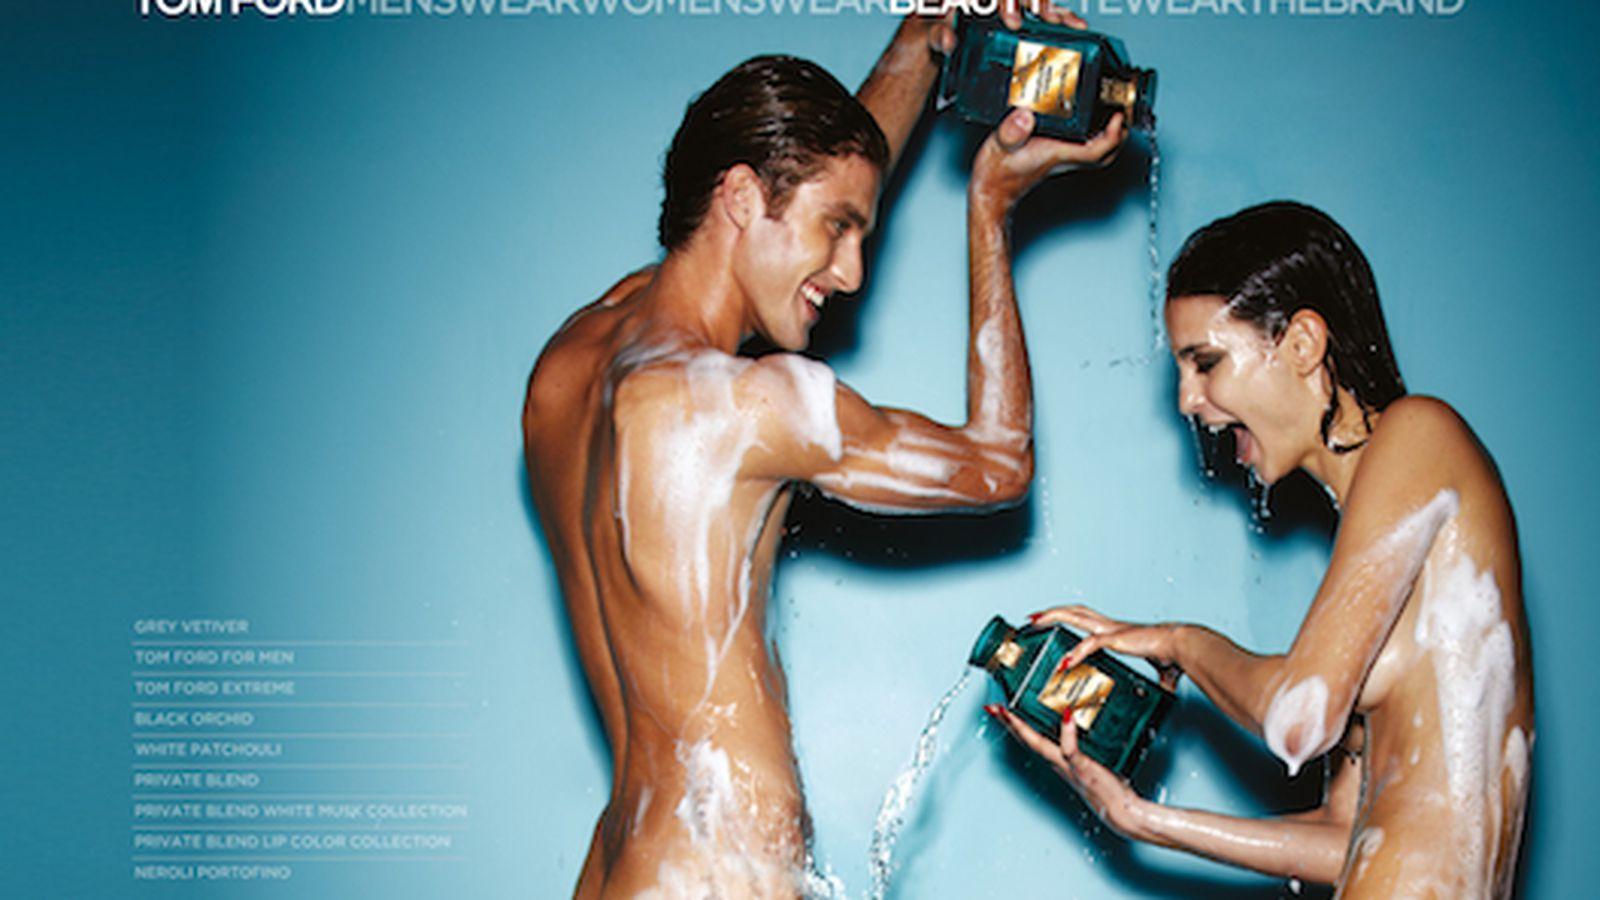 Naked Men on Twitter: #nakedmen #hotguy #hotboy http://t